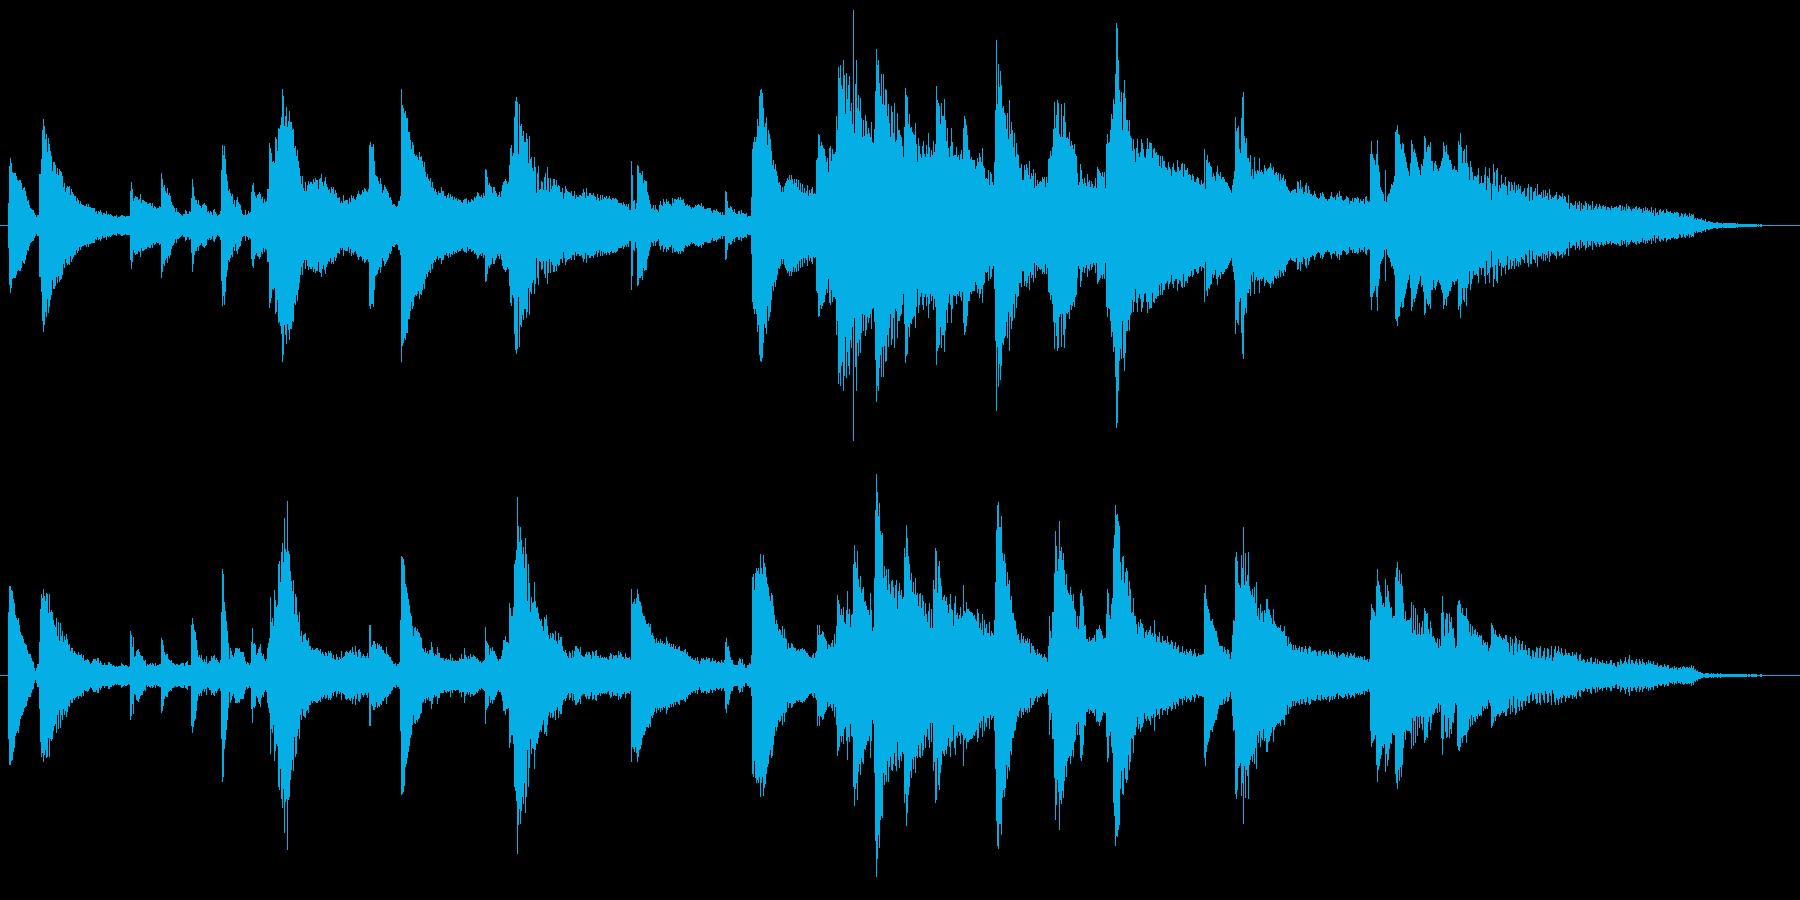 幻想的なピアノ曲。30秒CMや動画広告にの再生済みの波形